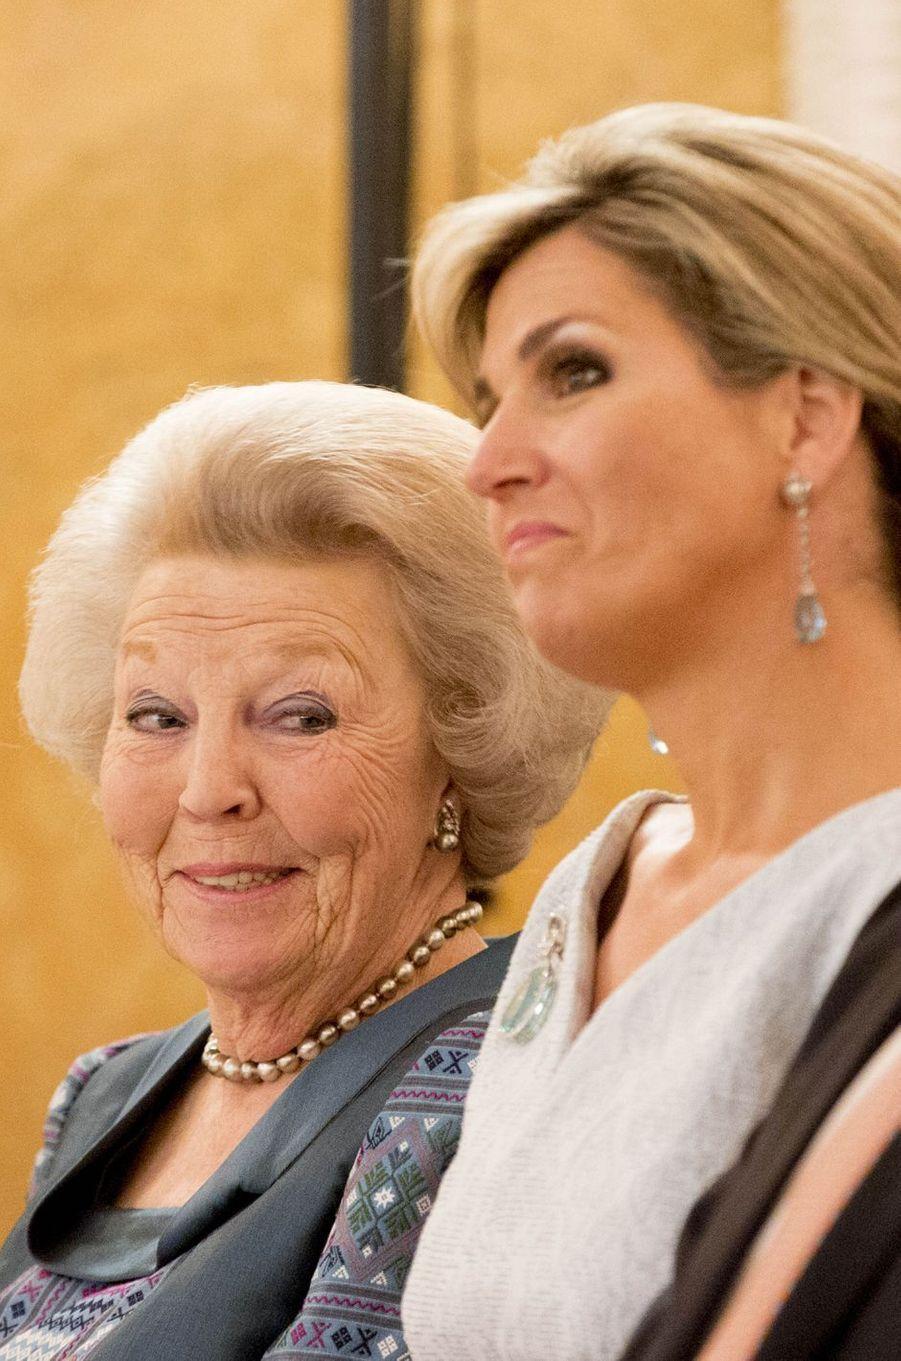 La reine Maxima et la princesse Beatrix des Pays-Bas à La Haye, le 26 mai 2016